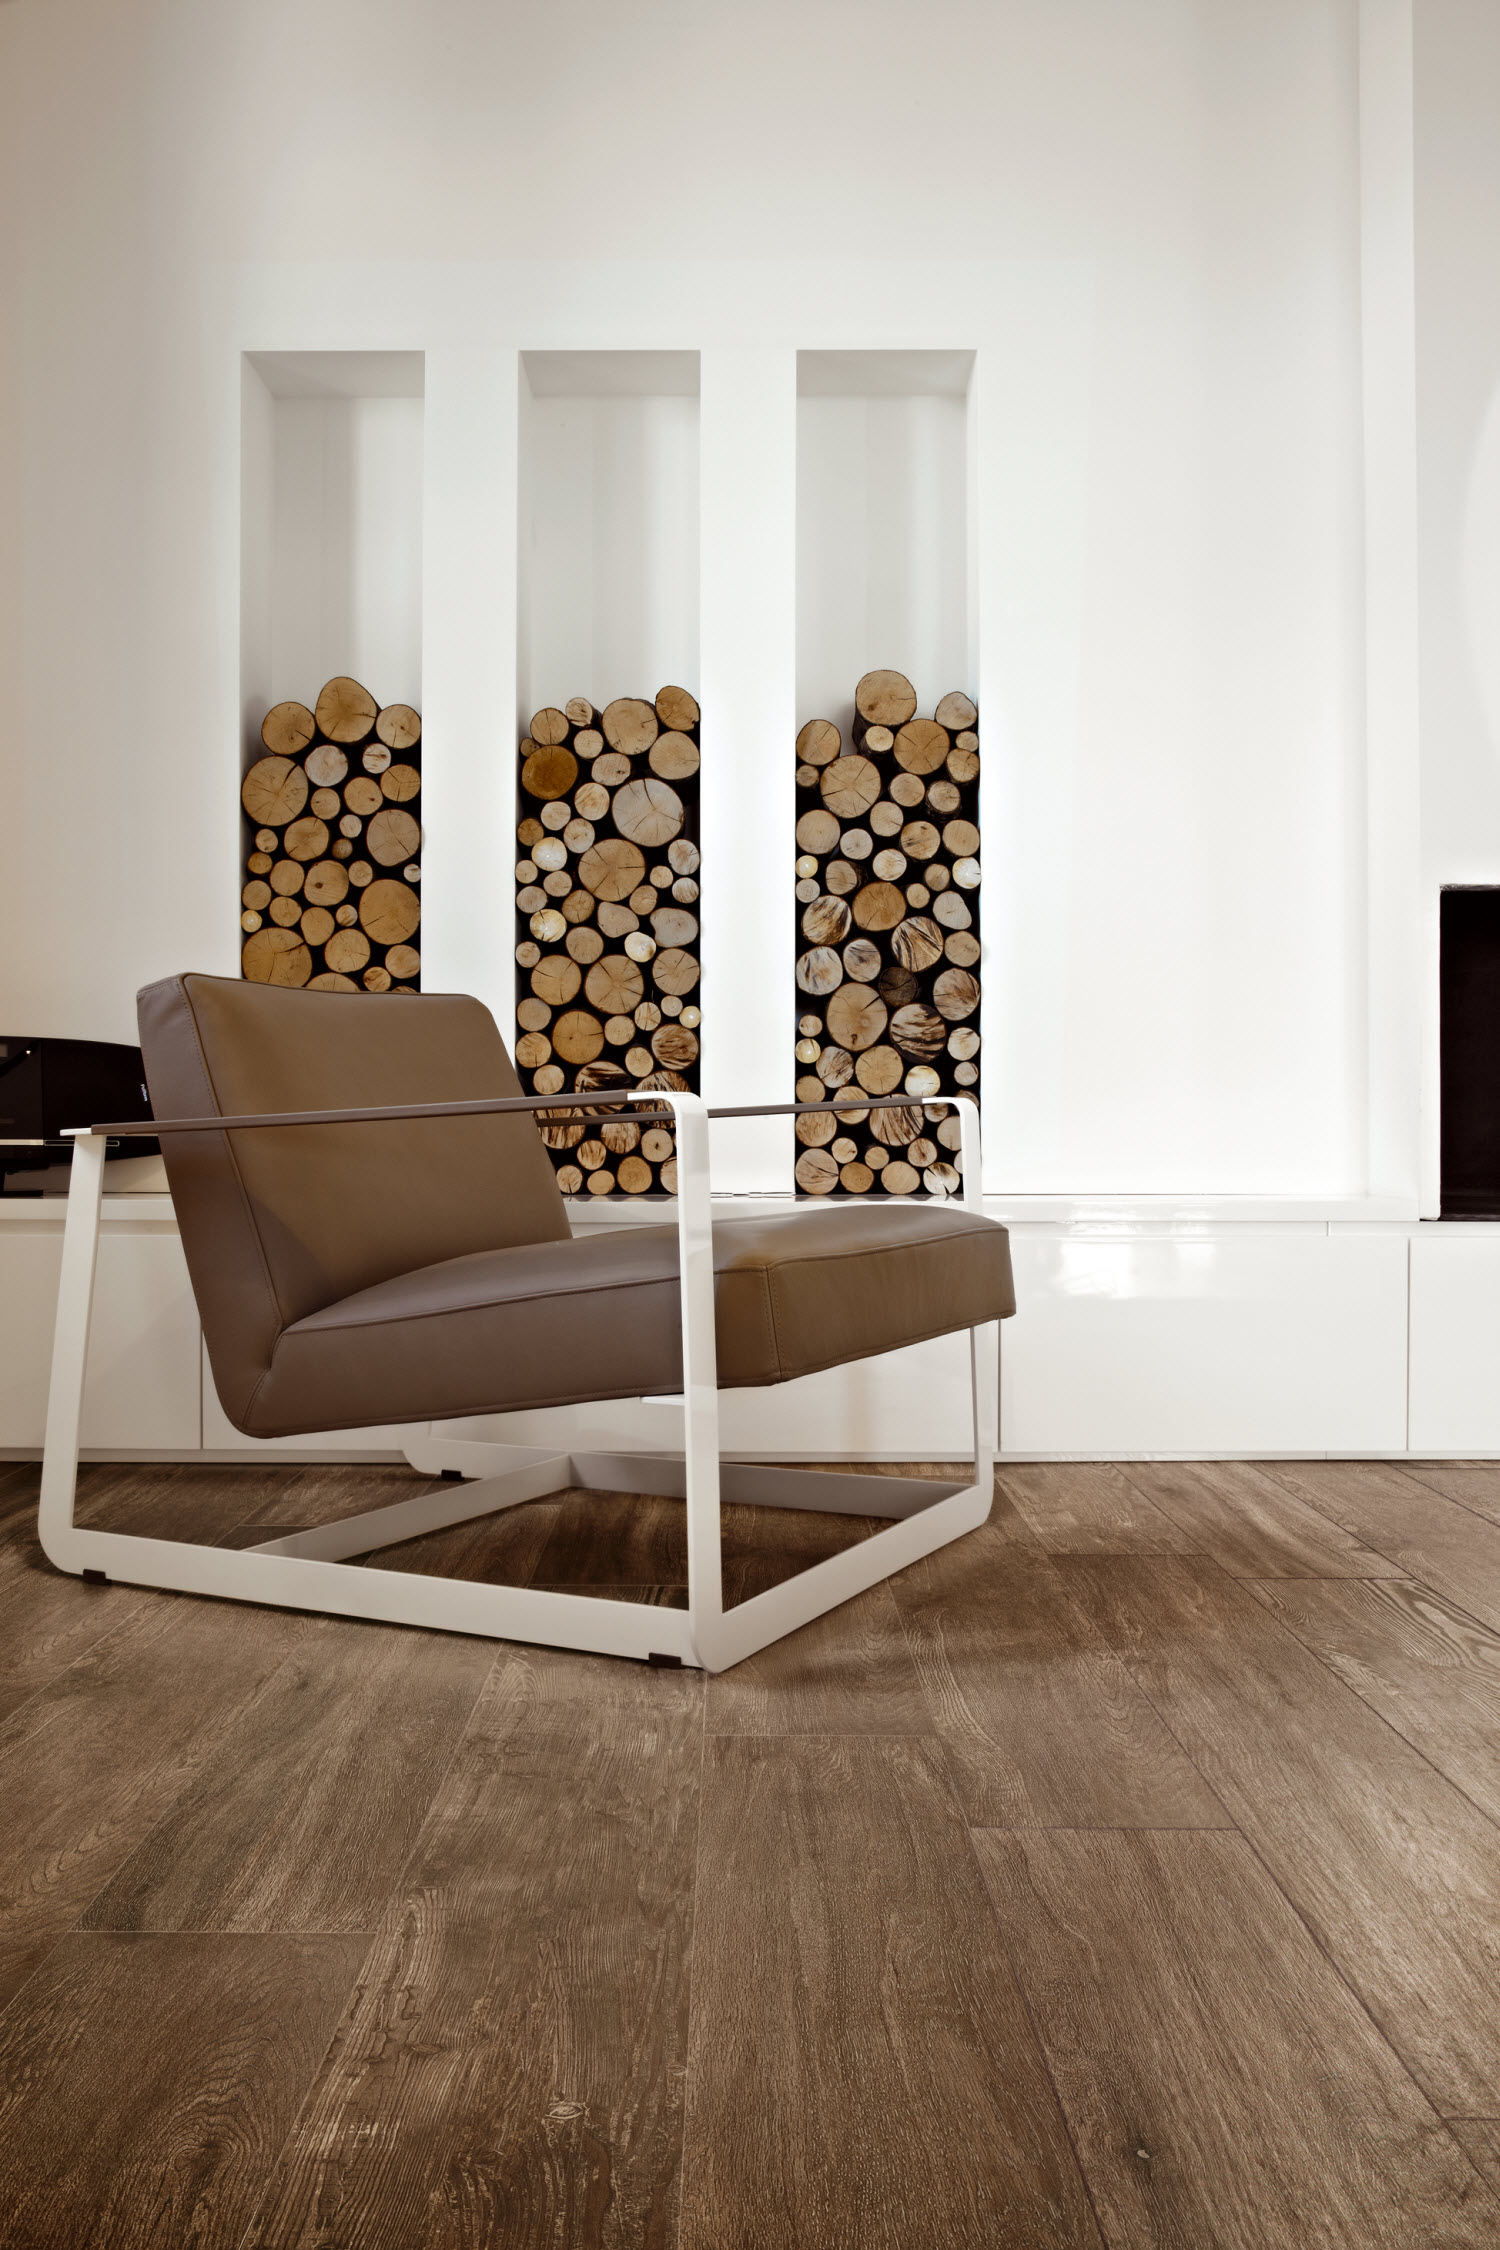 Keramische vloertegels met houtlook. Keramisch parket van Nibo Stone. Voordeel op vloertegels tijdens het eindejaarsevent #nibostone #vloertegels #houtlook #keramisch #vloer